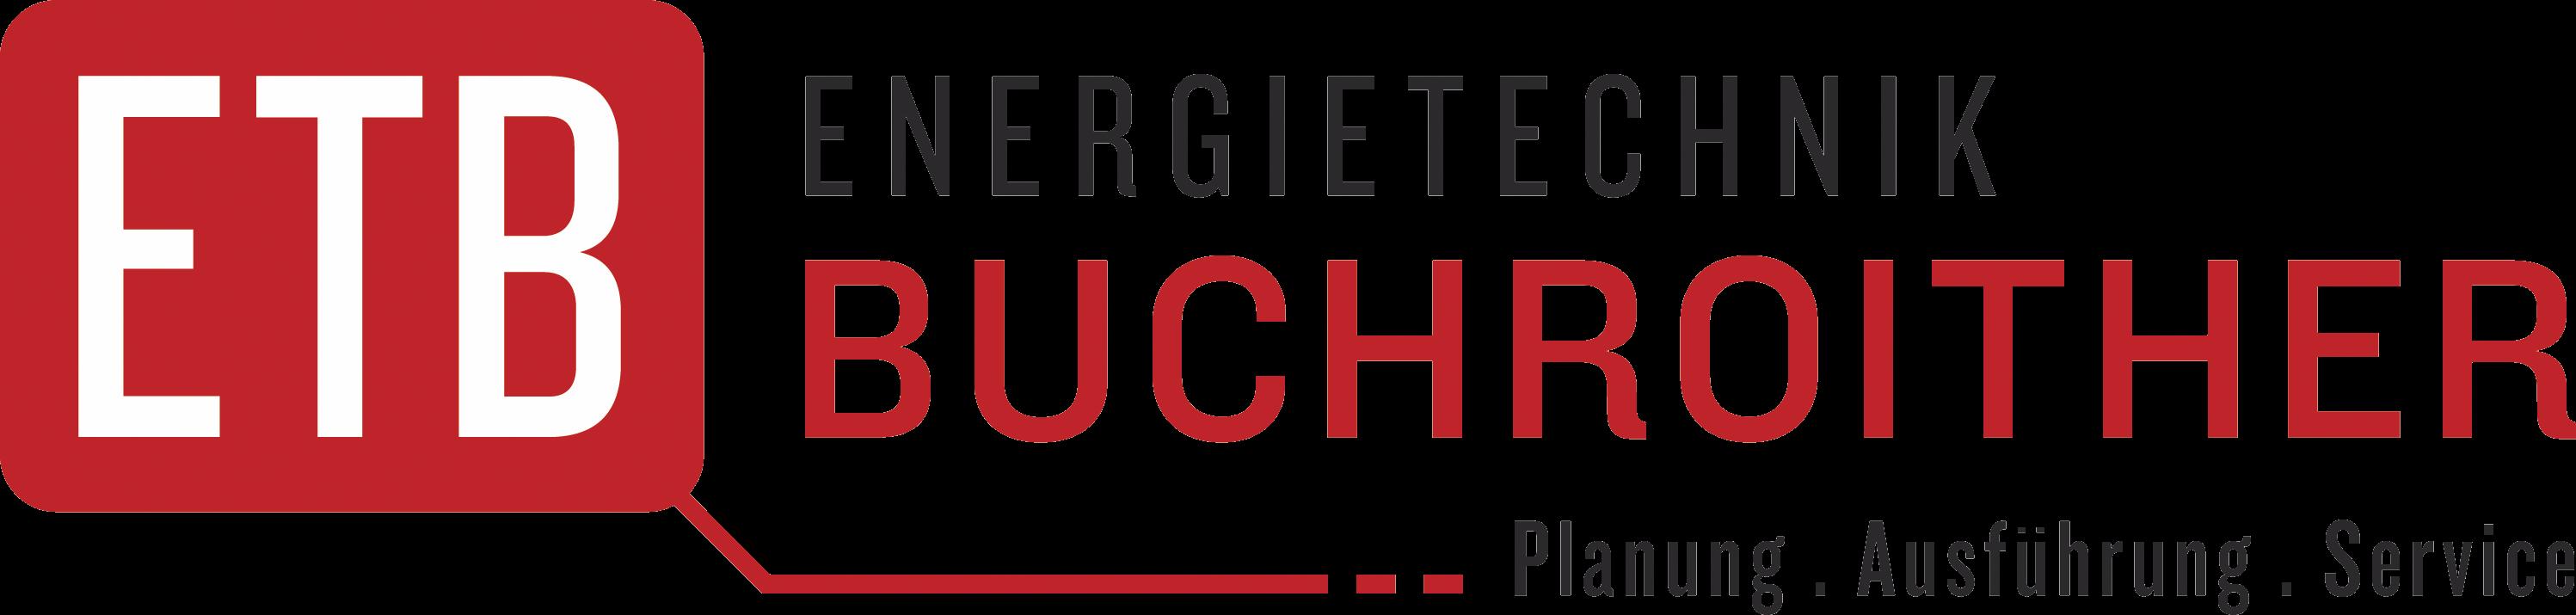 ETB-Buchroither GmbH - Energie- und Elektrotechnik in OÖ | Wir sind Ihr Fachmann für Elektrotechnik, Elektroinstallationen, Photovoltaikanlagen, Mess-, Steuerungs- und Regelungstechnik, SAT-Anlagen, Netzwerkverkabelung,... - ETB-Buchroither GmbH aus dem Bezirk Eferding in Oberösterreich.